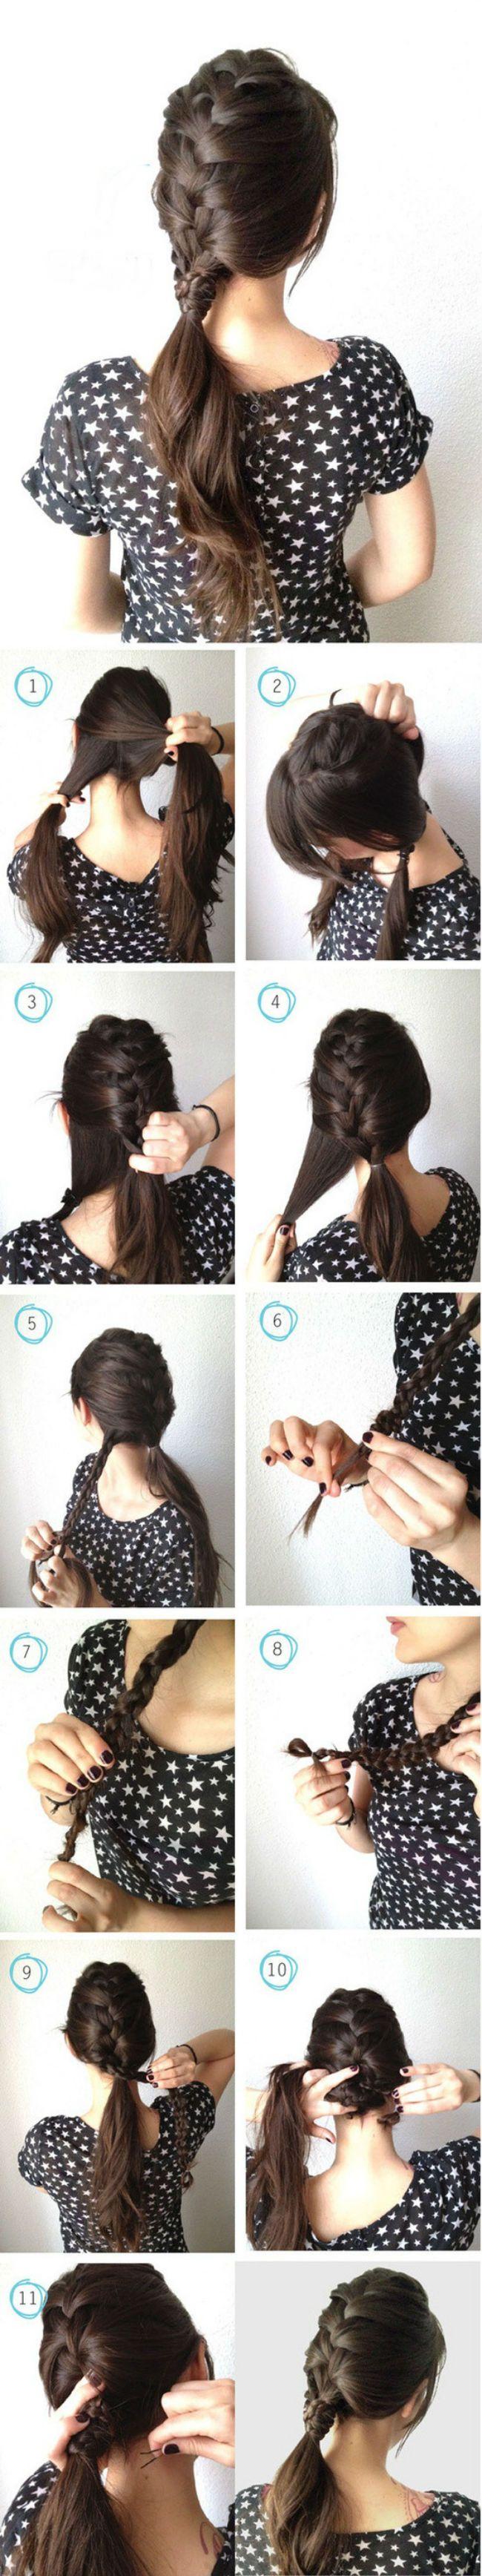 http://www.sephablog.com.br/cabelo/penteados-apaixonantes/